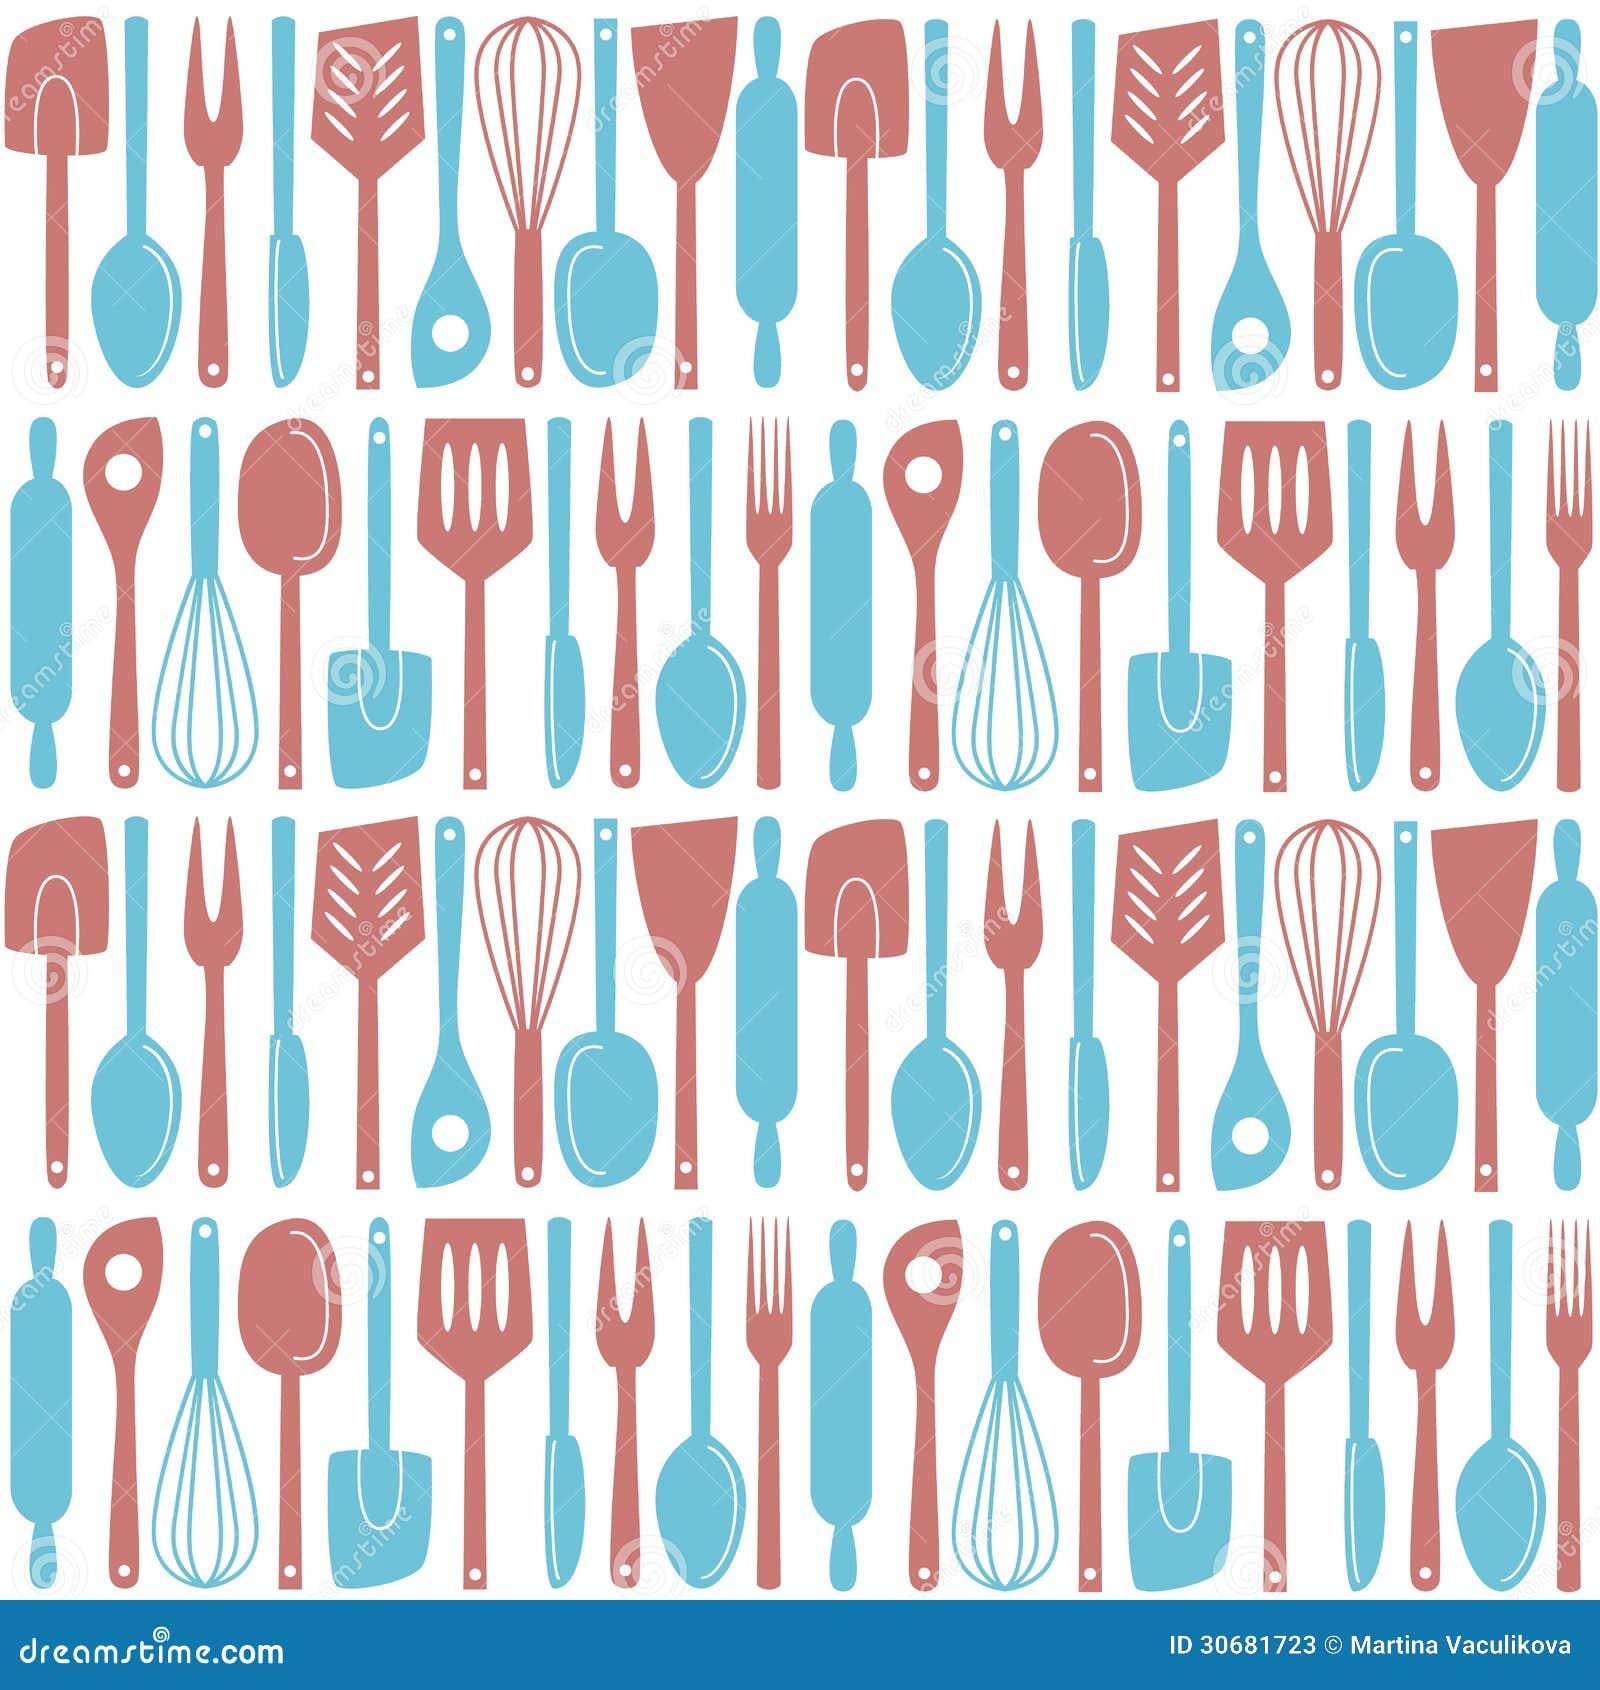 Kitchen Utensils Seamless Pattern Stock Illustrations – 647 Kitchen ...